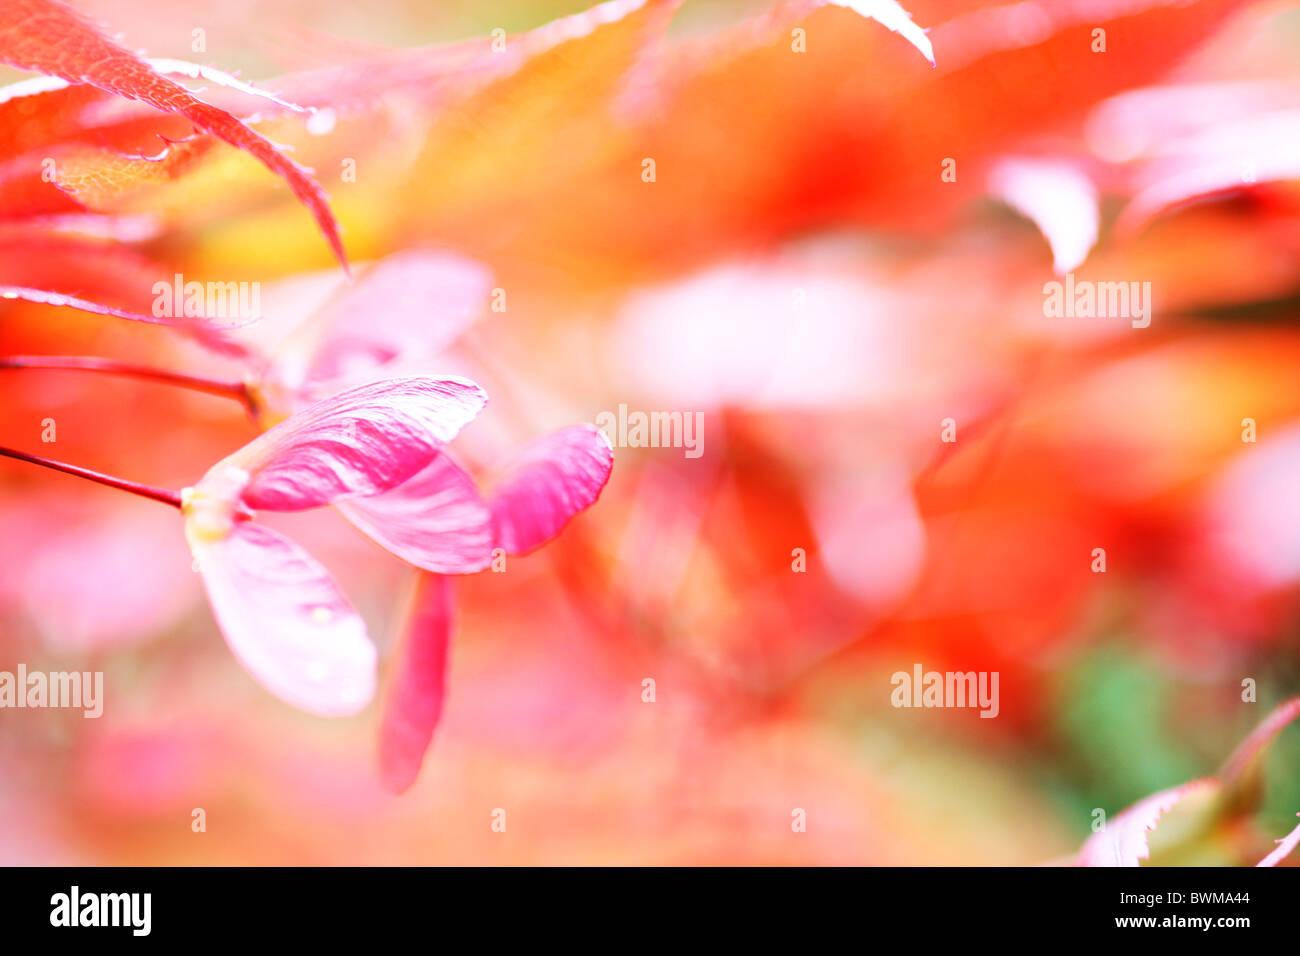 stimmungsvoll und verträumt rot-Ahorn mit geflügelten Samaras Jane Ann Butler Fotografie JABP914 Stockbild